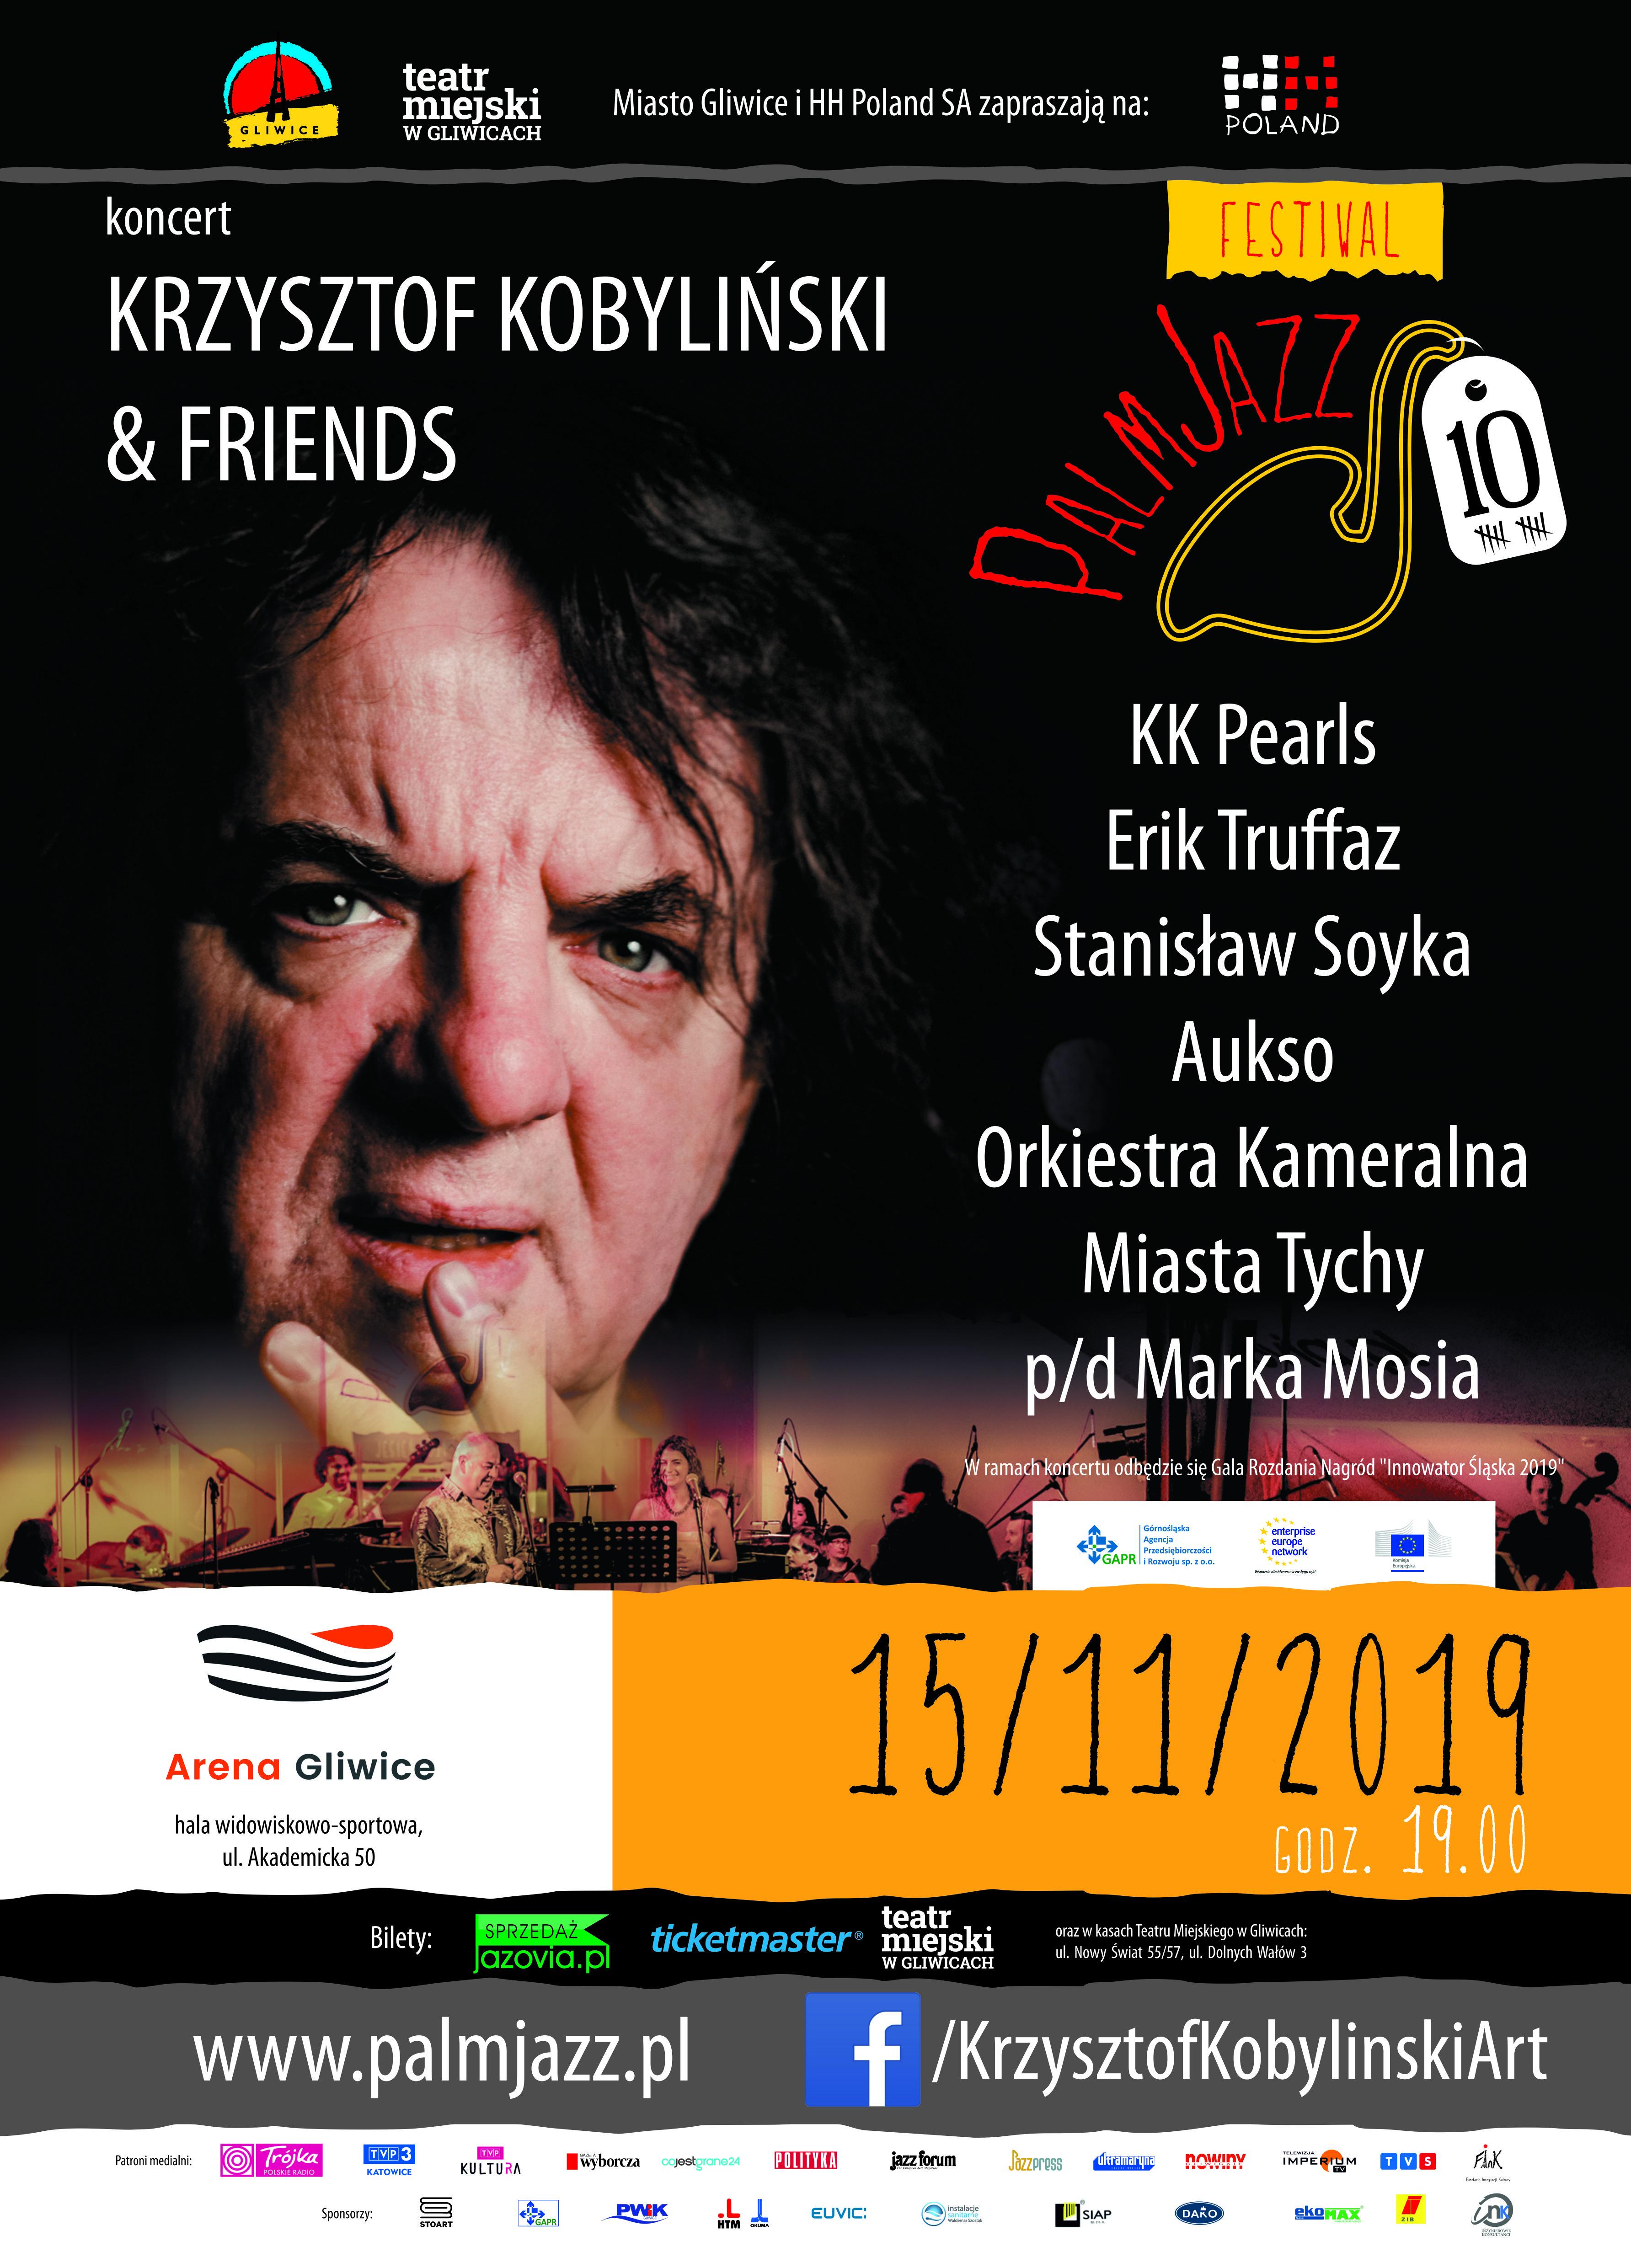 PalmJazz Festival - Krzysztof Kobyliński & Friends